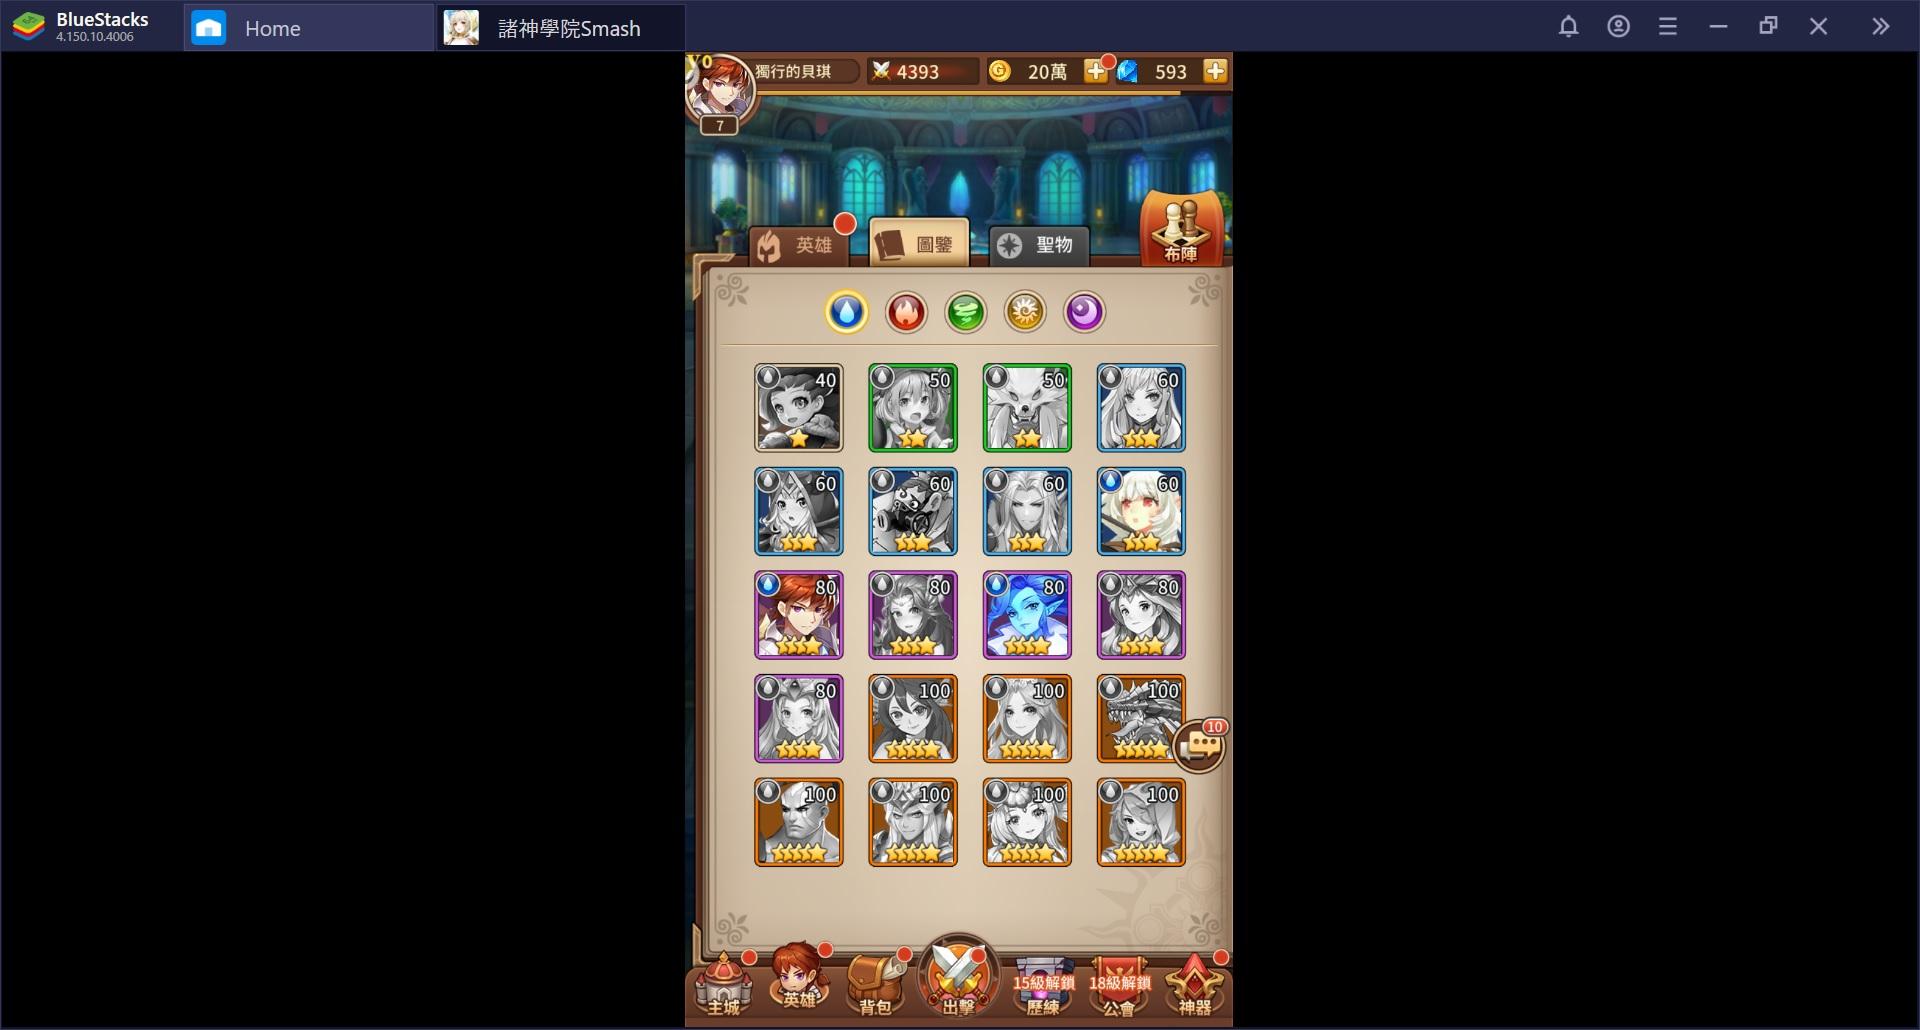 使用BlueStacks在電腦上體驗萬眾期待的放置休閑策略卡牌手遊 諸神學院Smash